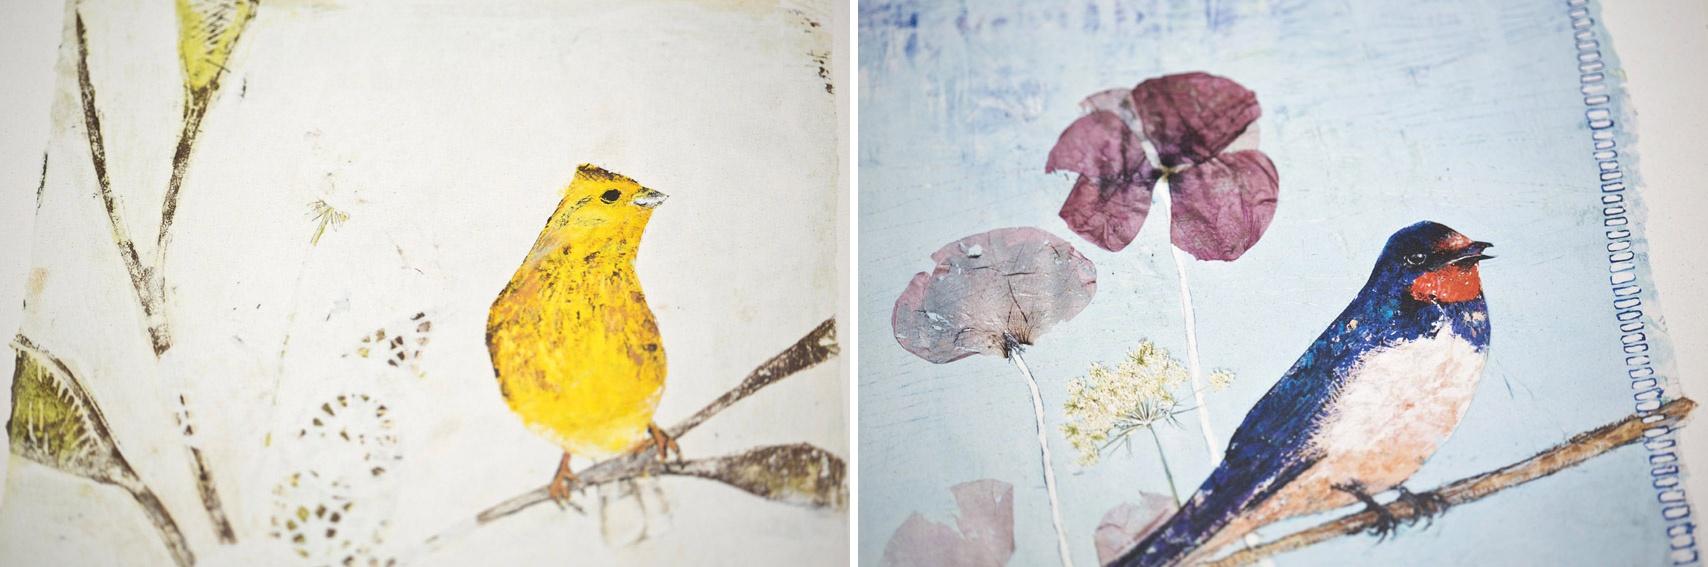 Colipi, Goldammer, Print, Bilder